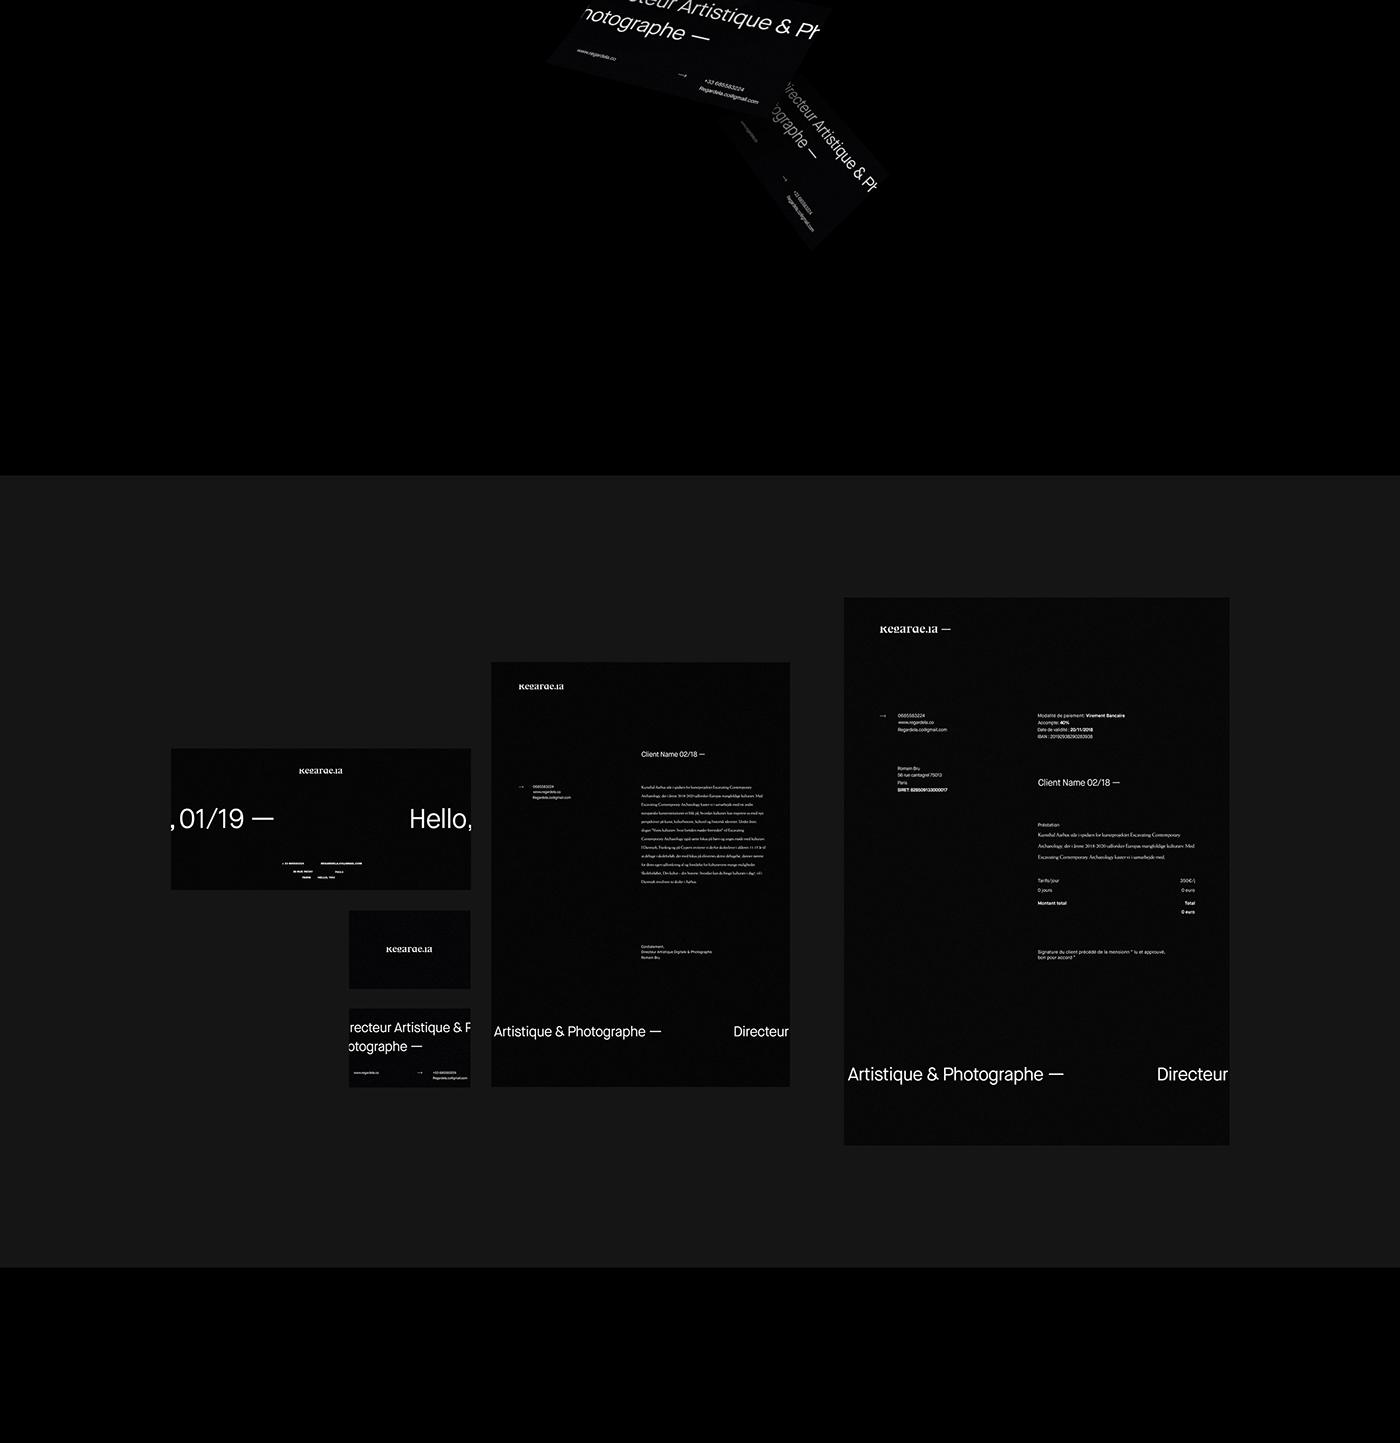 Webdesign motion design UX design Photographie Art Director motion Website adobeawards editorial